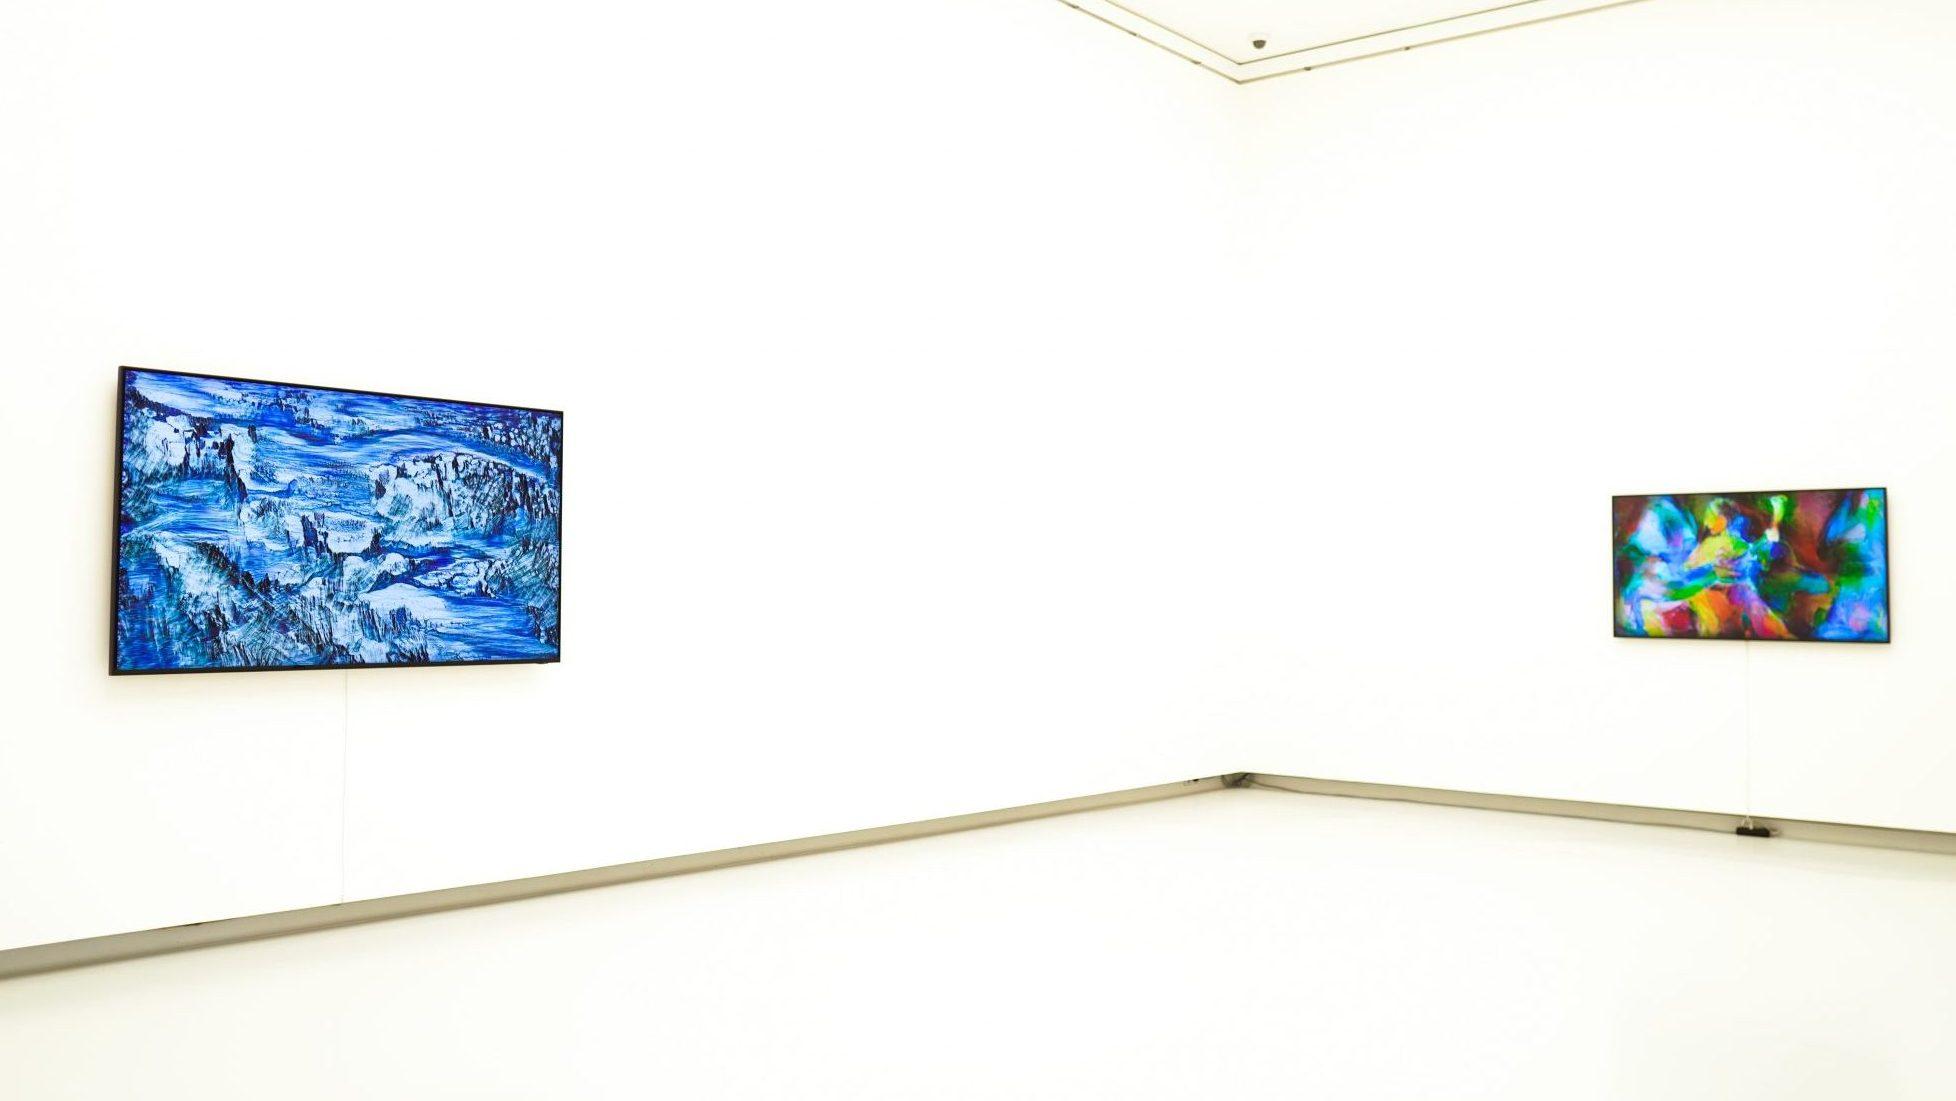 Blick in die Kunsthalle Tübingen auf die Installation von Lunar Ring. Foto: BFG MEDIA GROUP